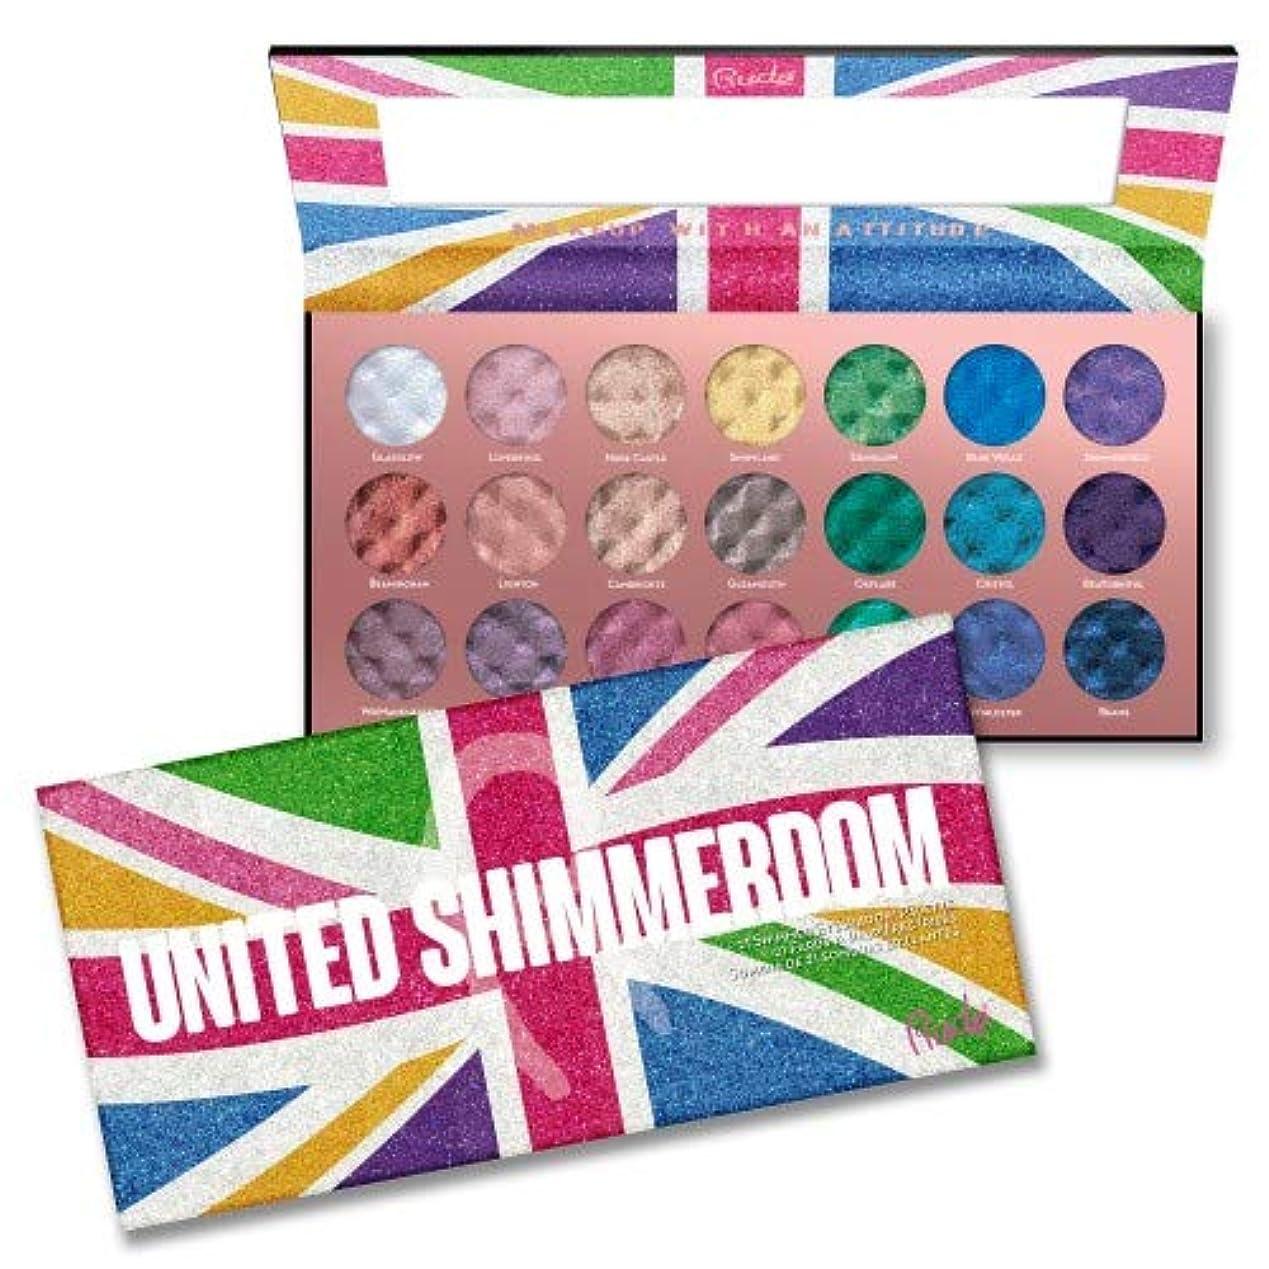 抽出ブッシュ最初RUDE United Shimmerdom - 21 Shimmer Eyeshadow Palette (並行輸入品)